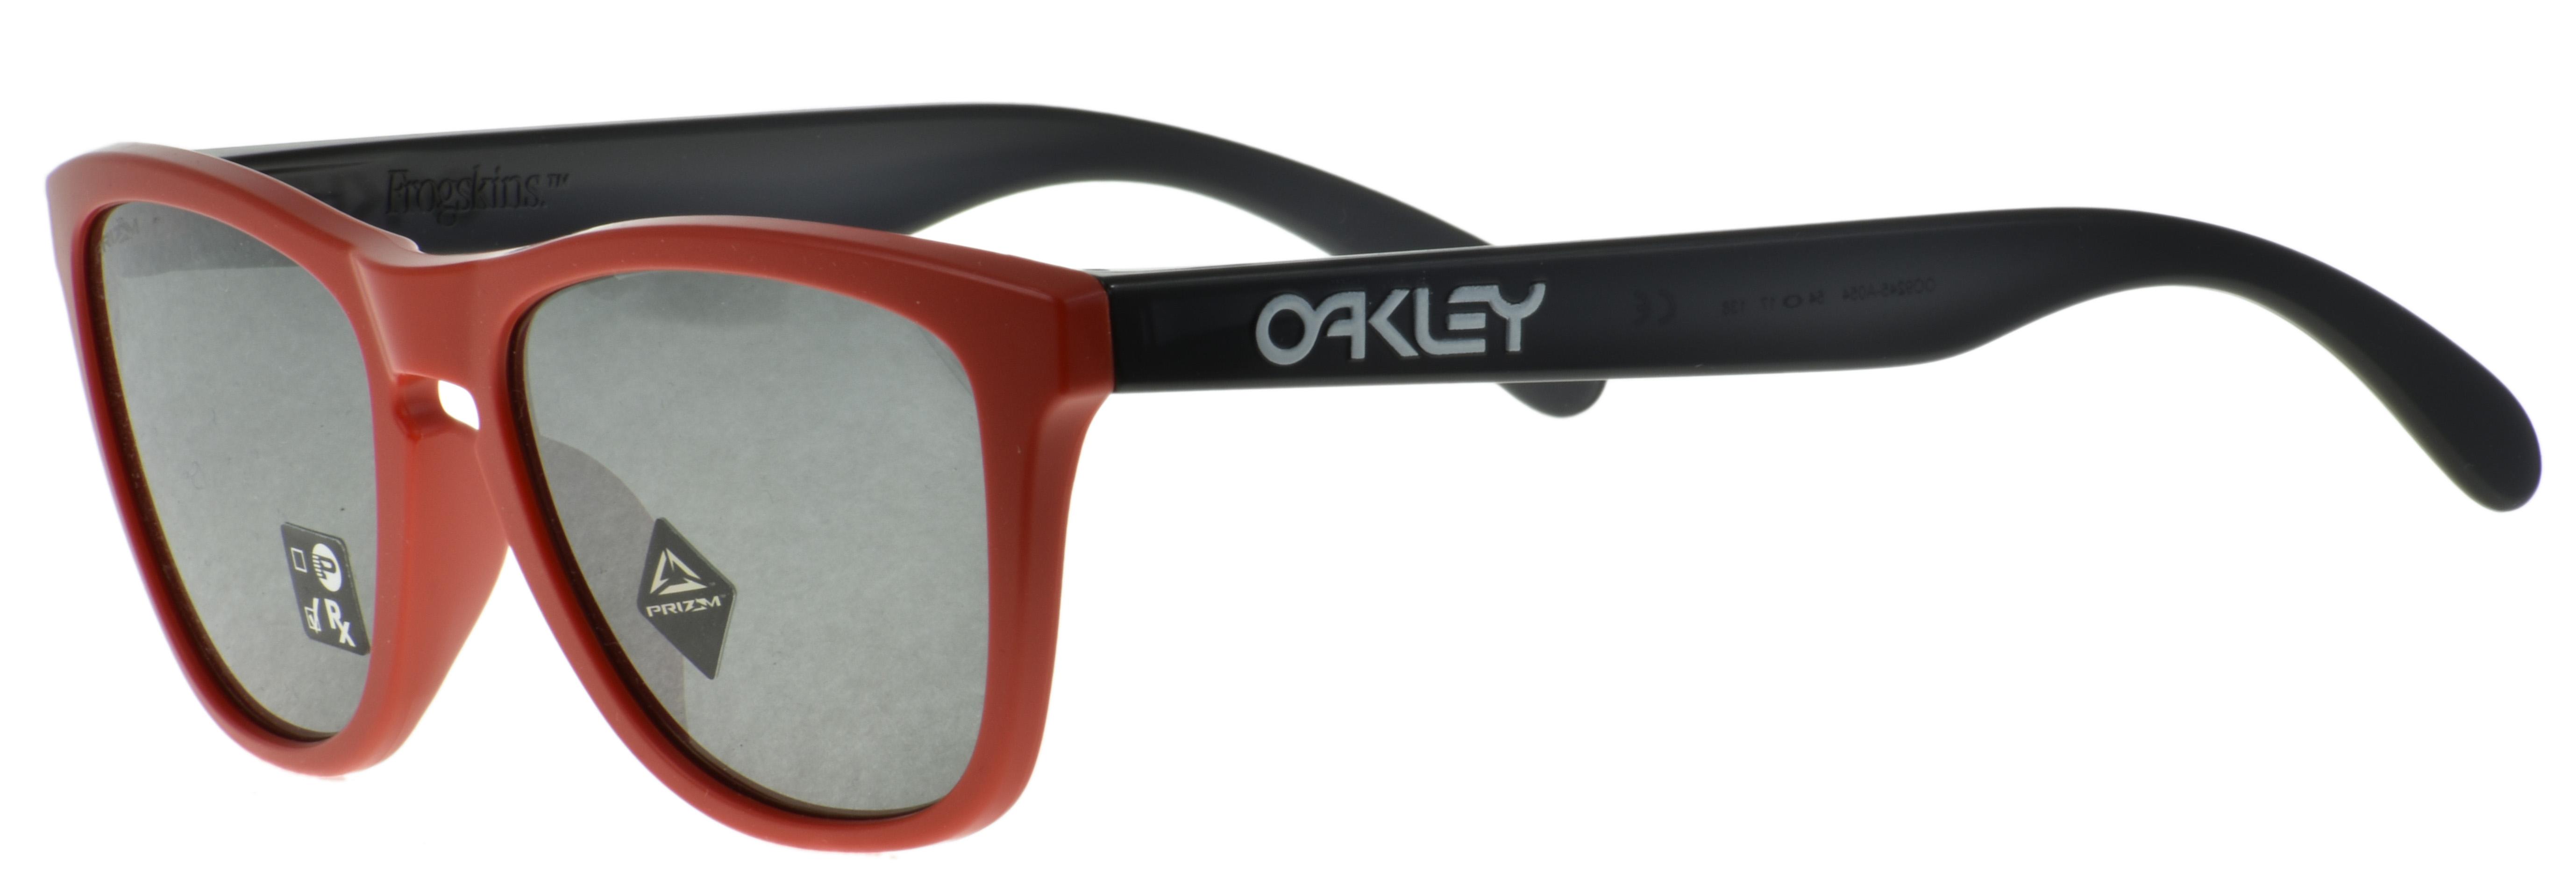 OAKLEY FROGSKINS(A)9245A0 ¥18,000 54 02